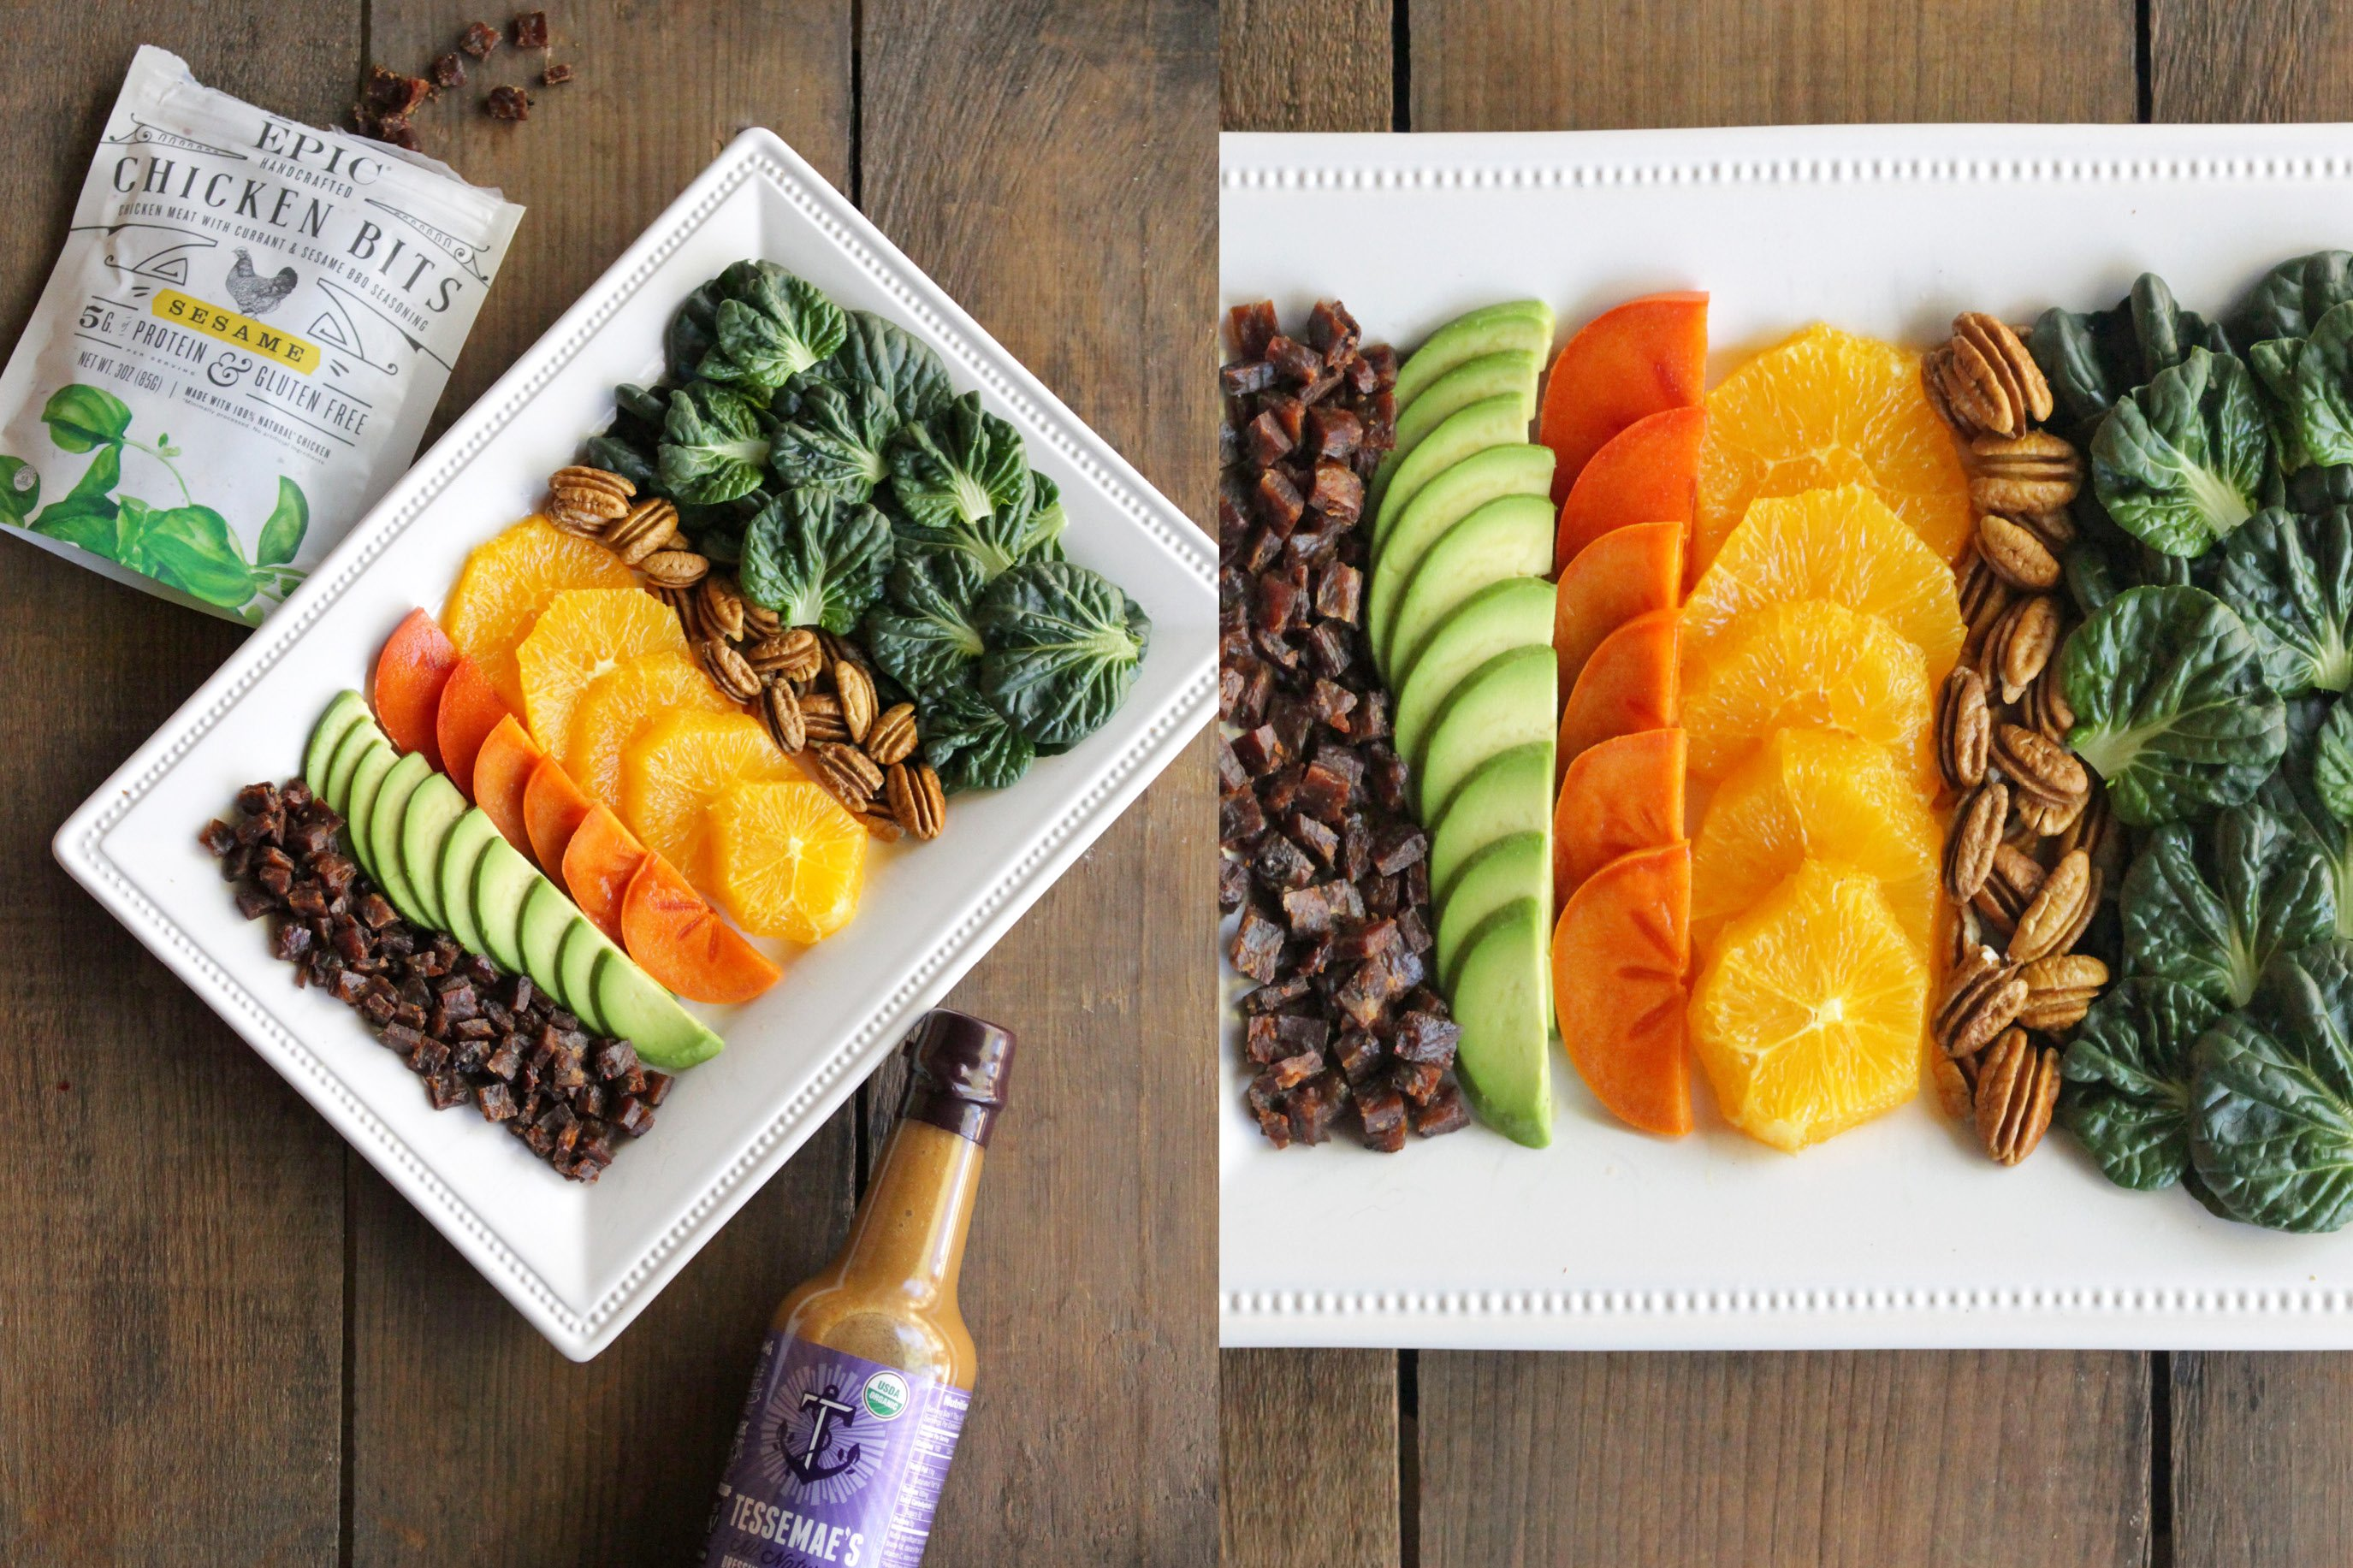 Januarywhole30 Recipes Epic Winter Salads The Whole30 174 Program